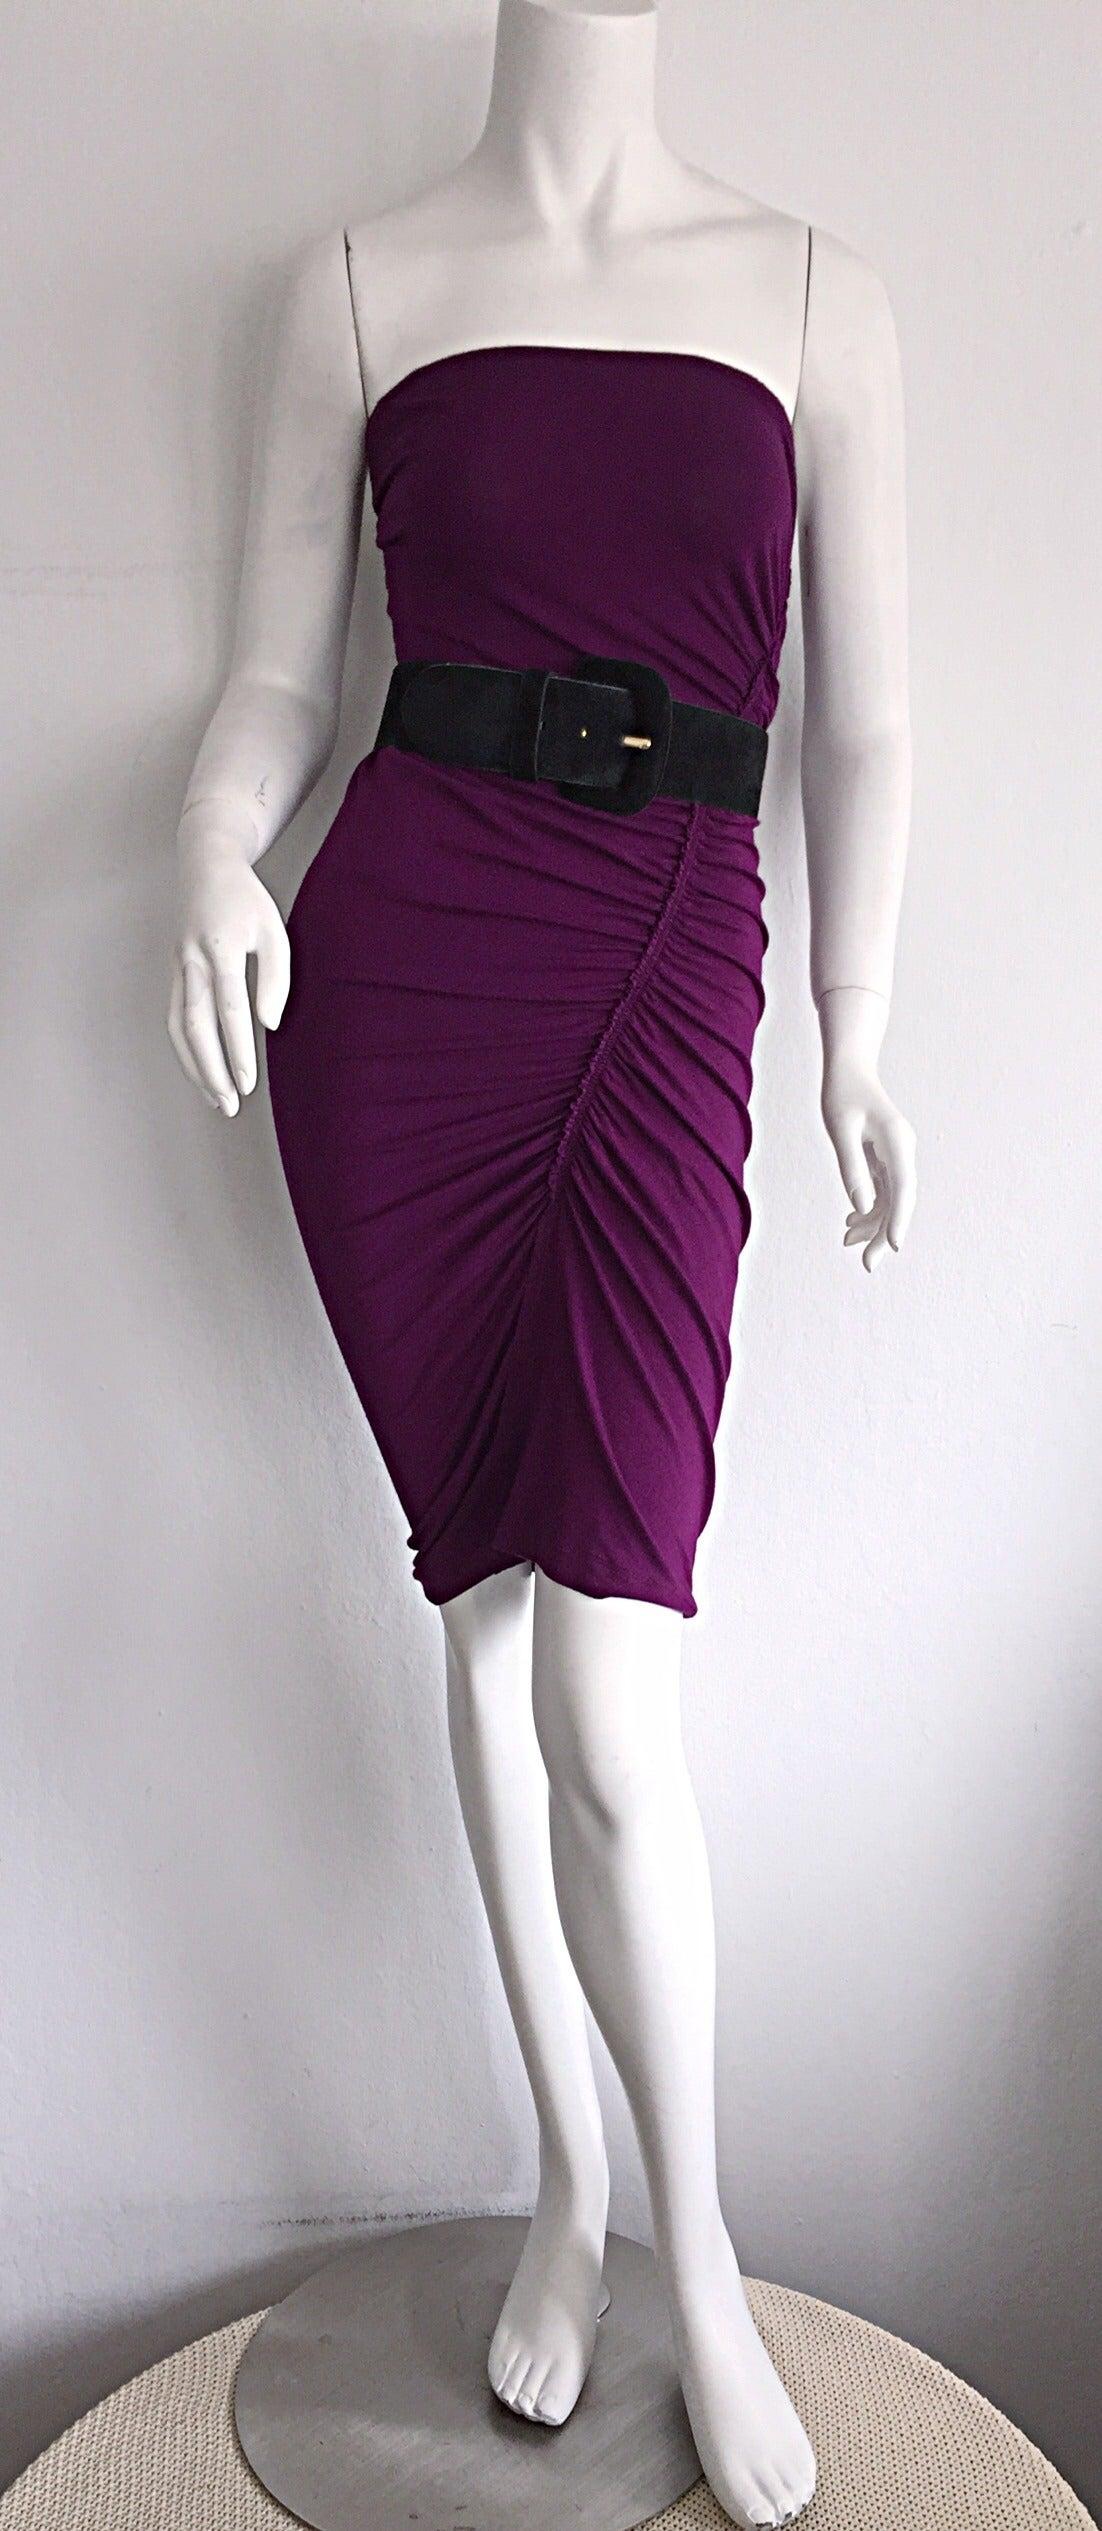 Brand New Donna Karan ' Black Label ' Fall 2010 Purple Ruched Runway Dress 4